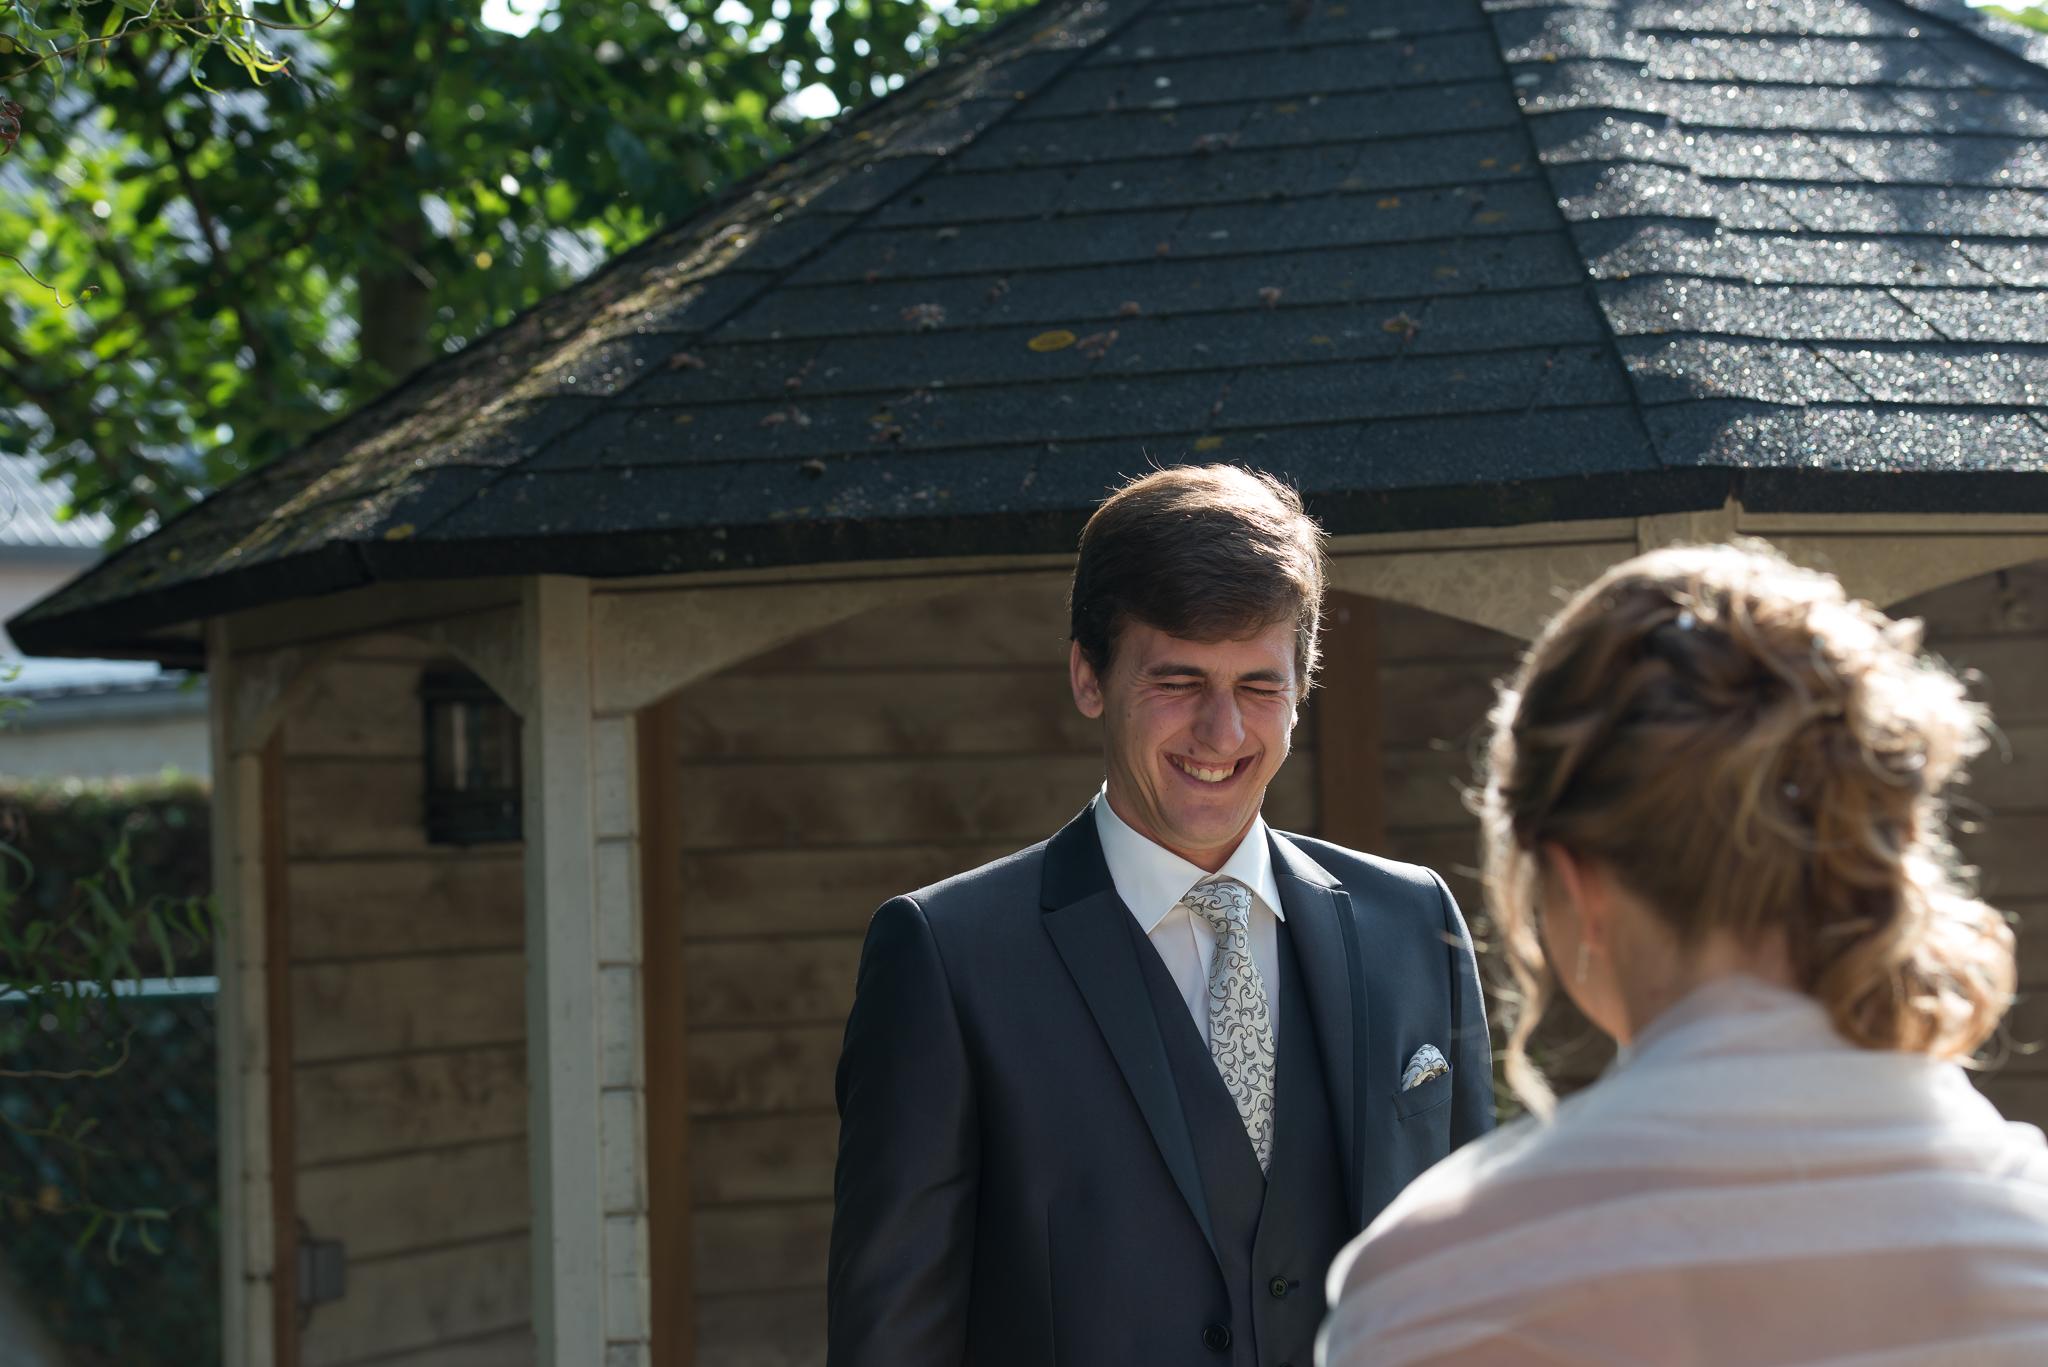 huwelijksfotograaf in stekene voor Yannick en Kimberley first look moment van het bruidspaar